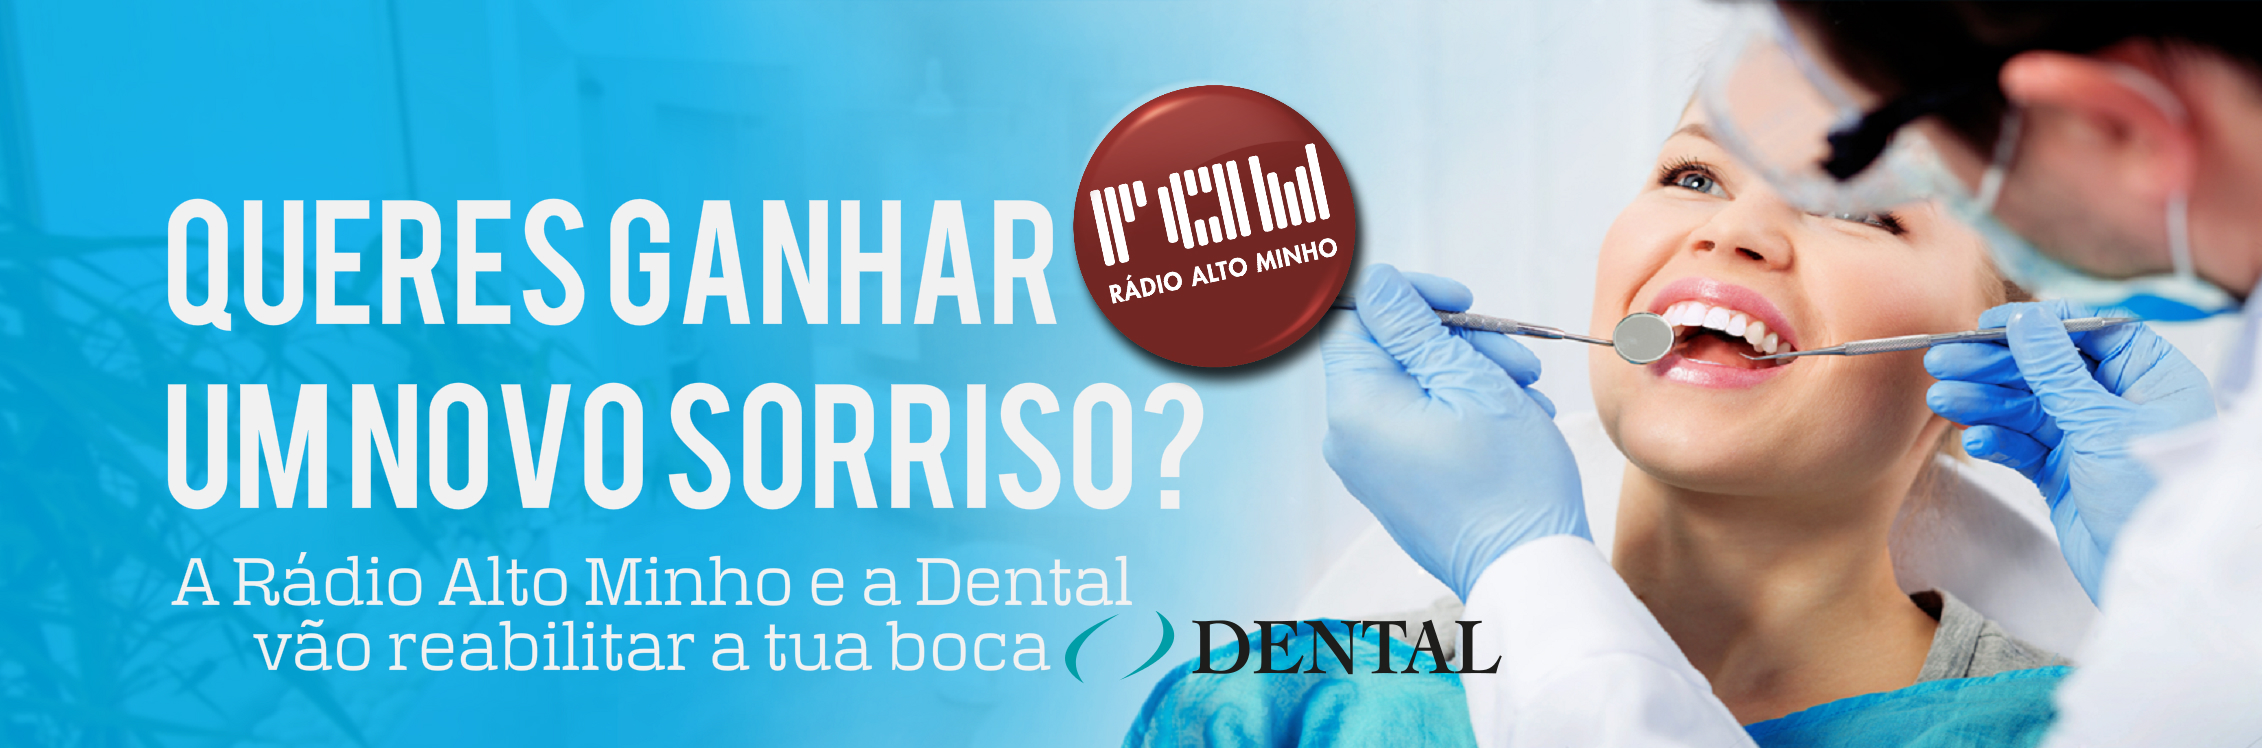 CAMPANHA/OFERTA: A Rádio Alto Minho e a Dental, oferecem-te um novo sorriso